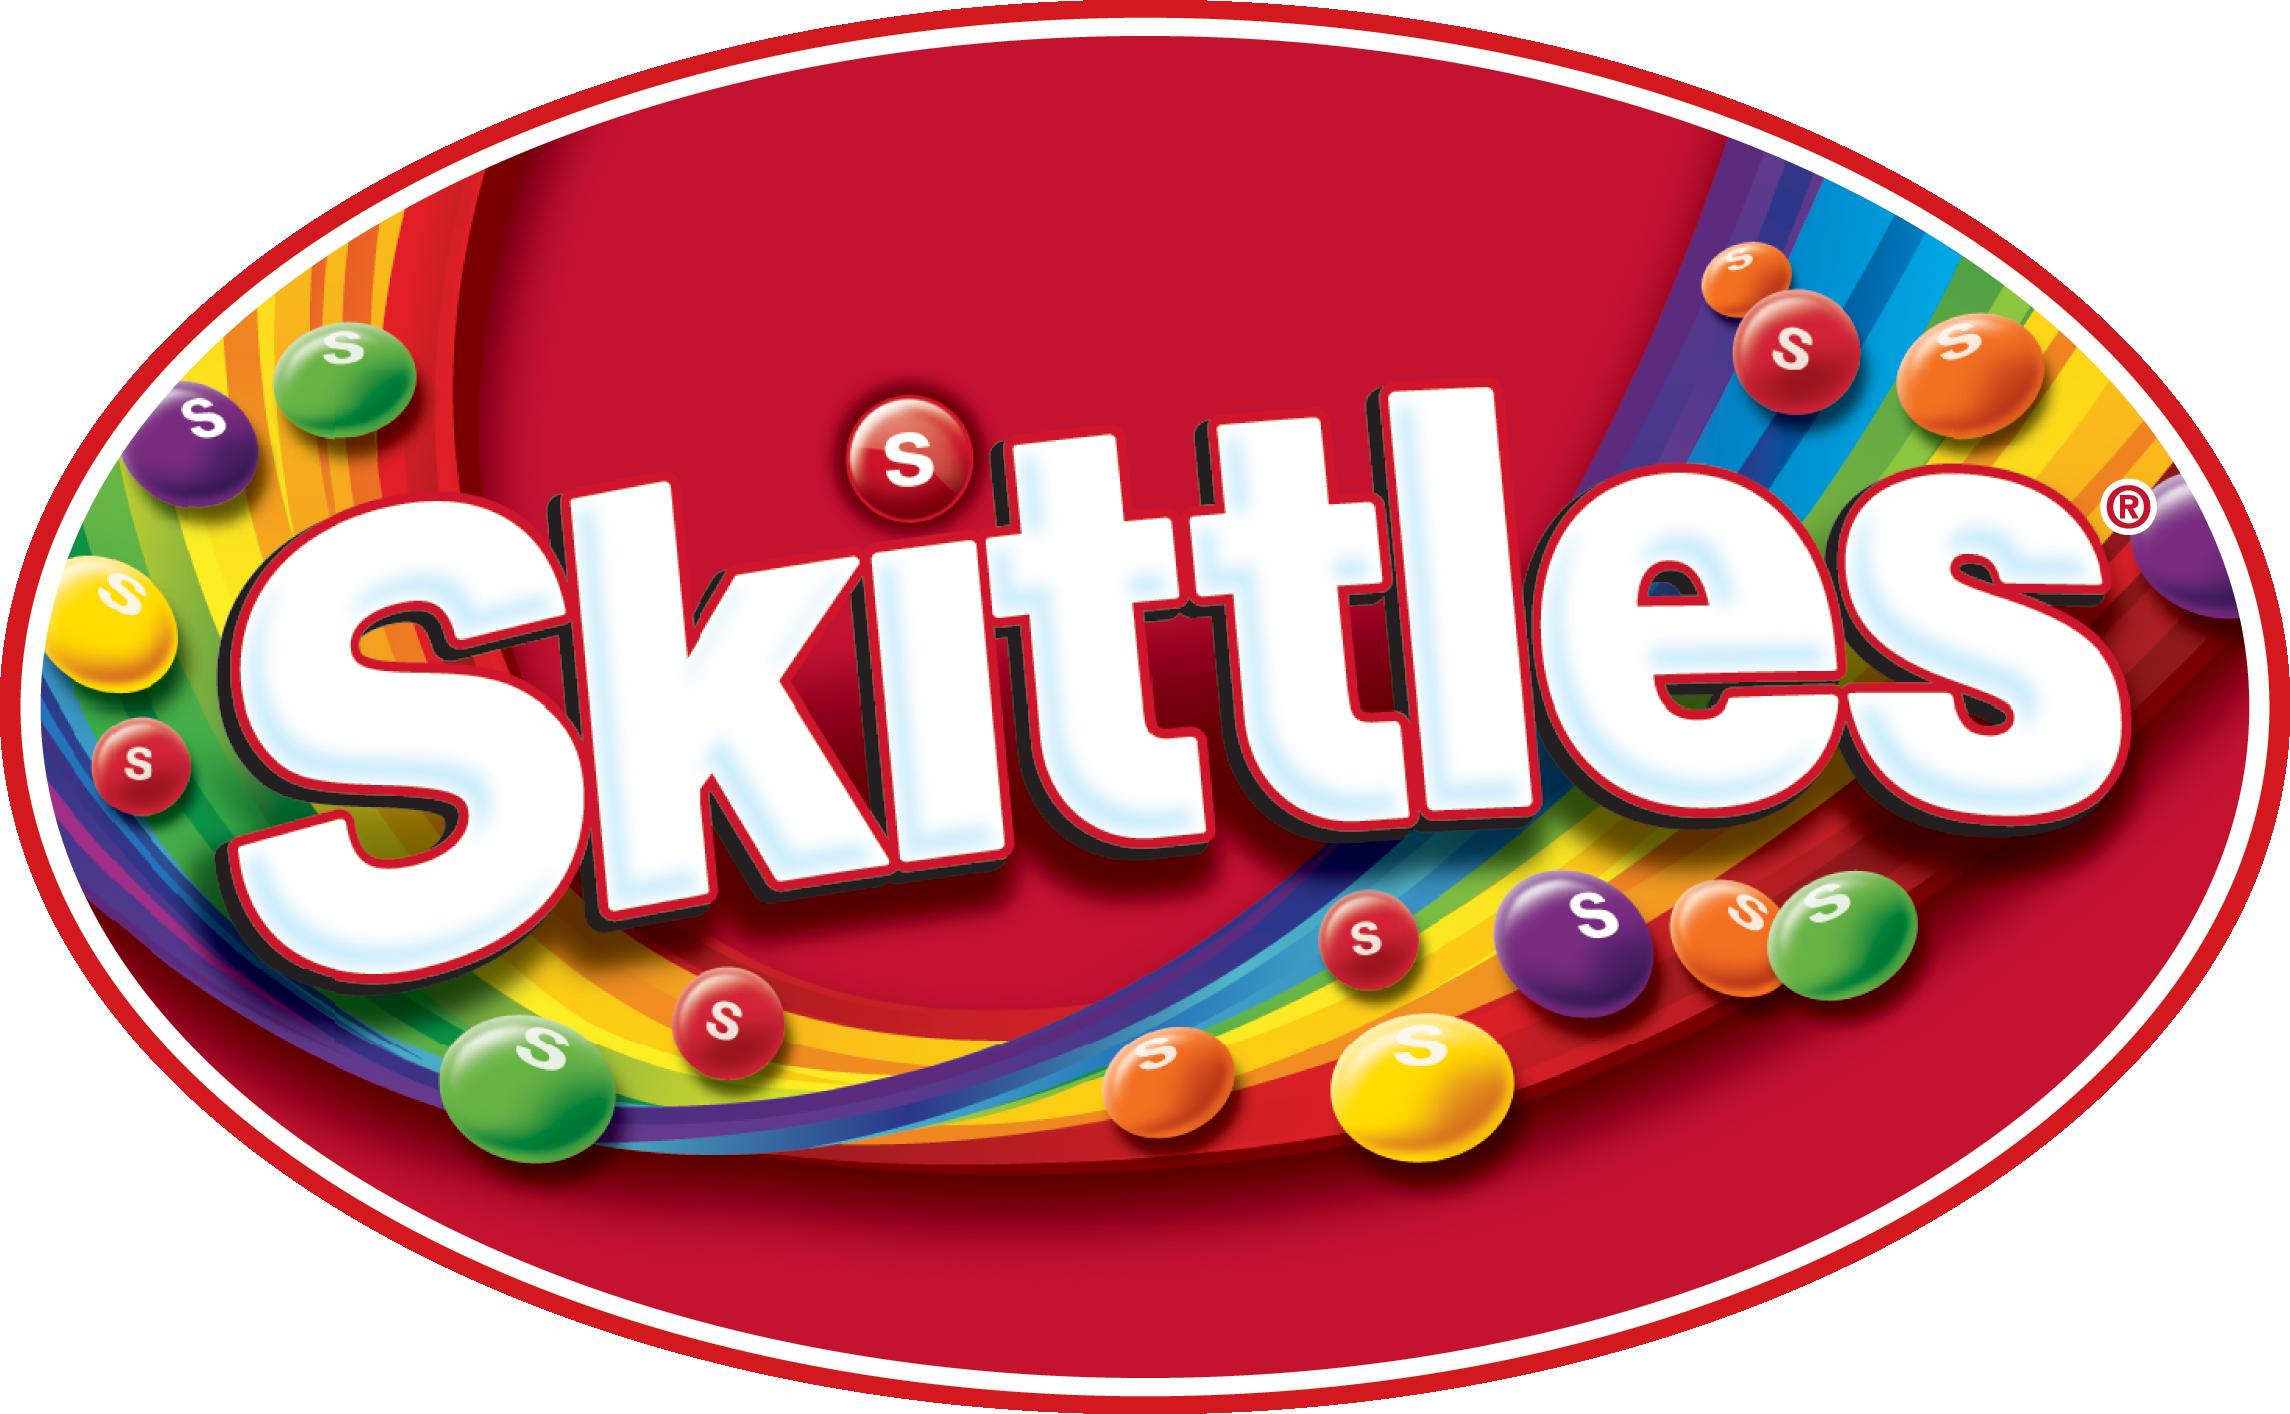 skittleslogo nyas sweet 13 in 2019 skittles logo